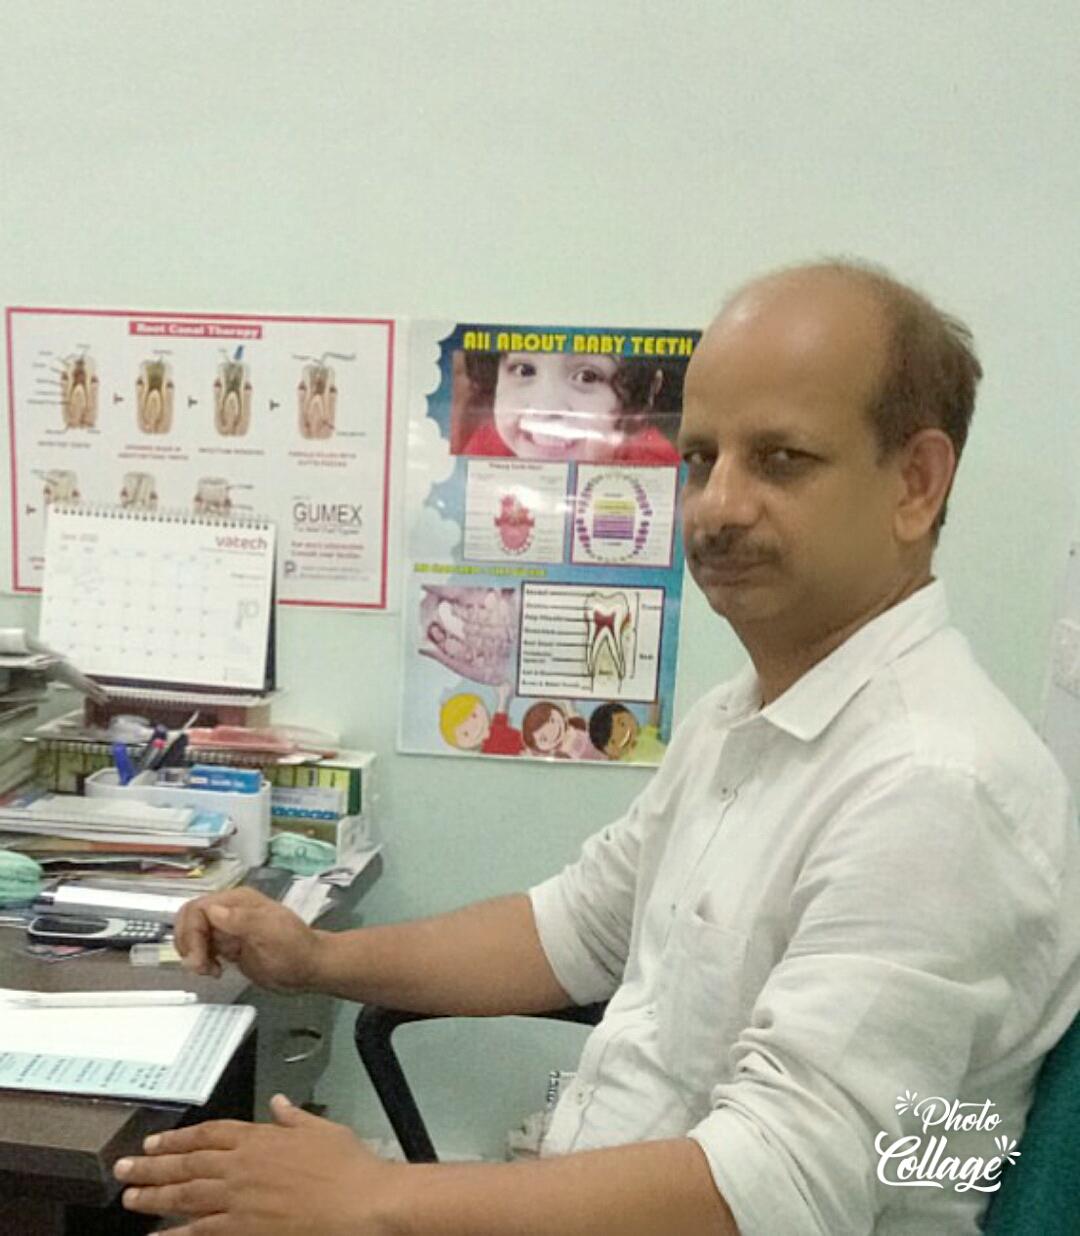 15 जून को स्व० सहदेव प्र.यादव (पूर्व मंत्री, बिहार सरकार) के पुण्यतिथि पर सहदेवनगर कमालपुर में निःशुल्क चिकित्सा शिविर का होगा आयोजन